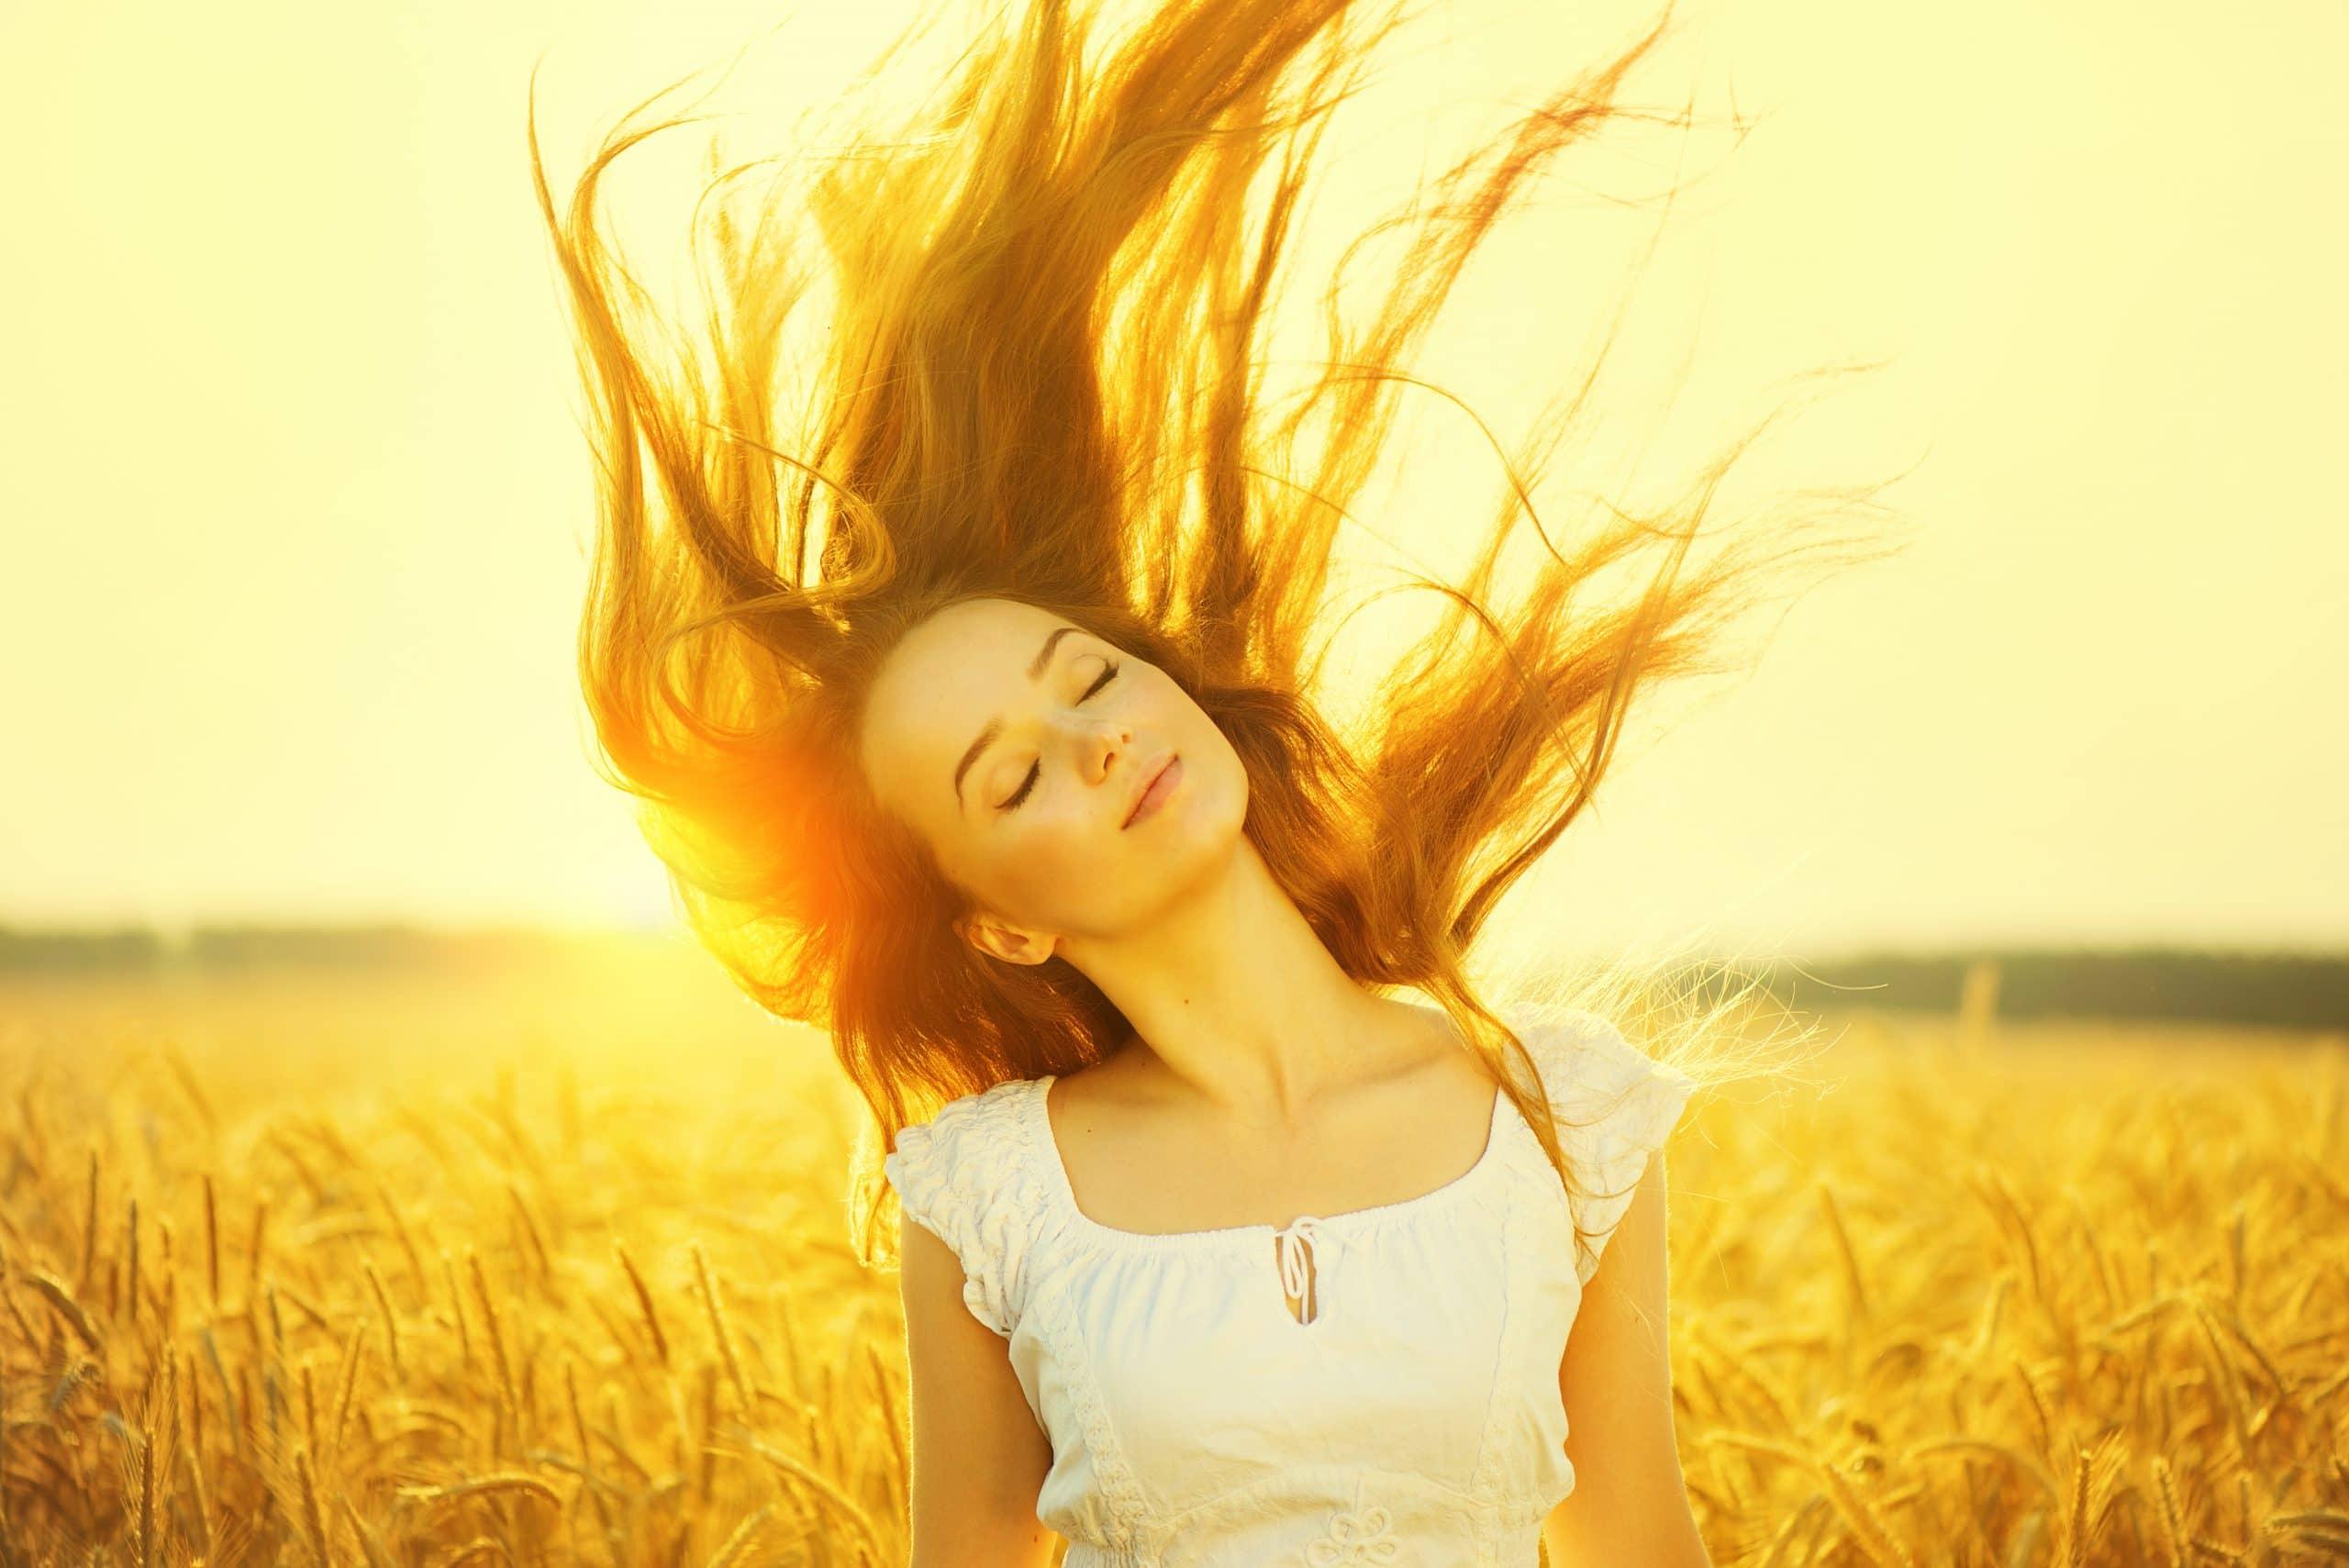 Mulher em um campo com os cabelos ao vento.